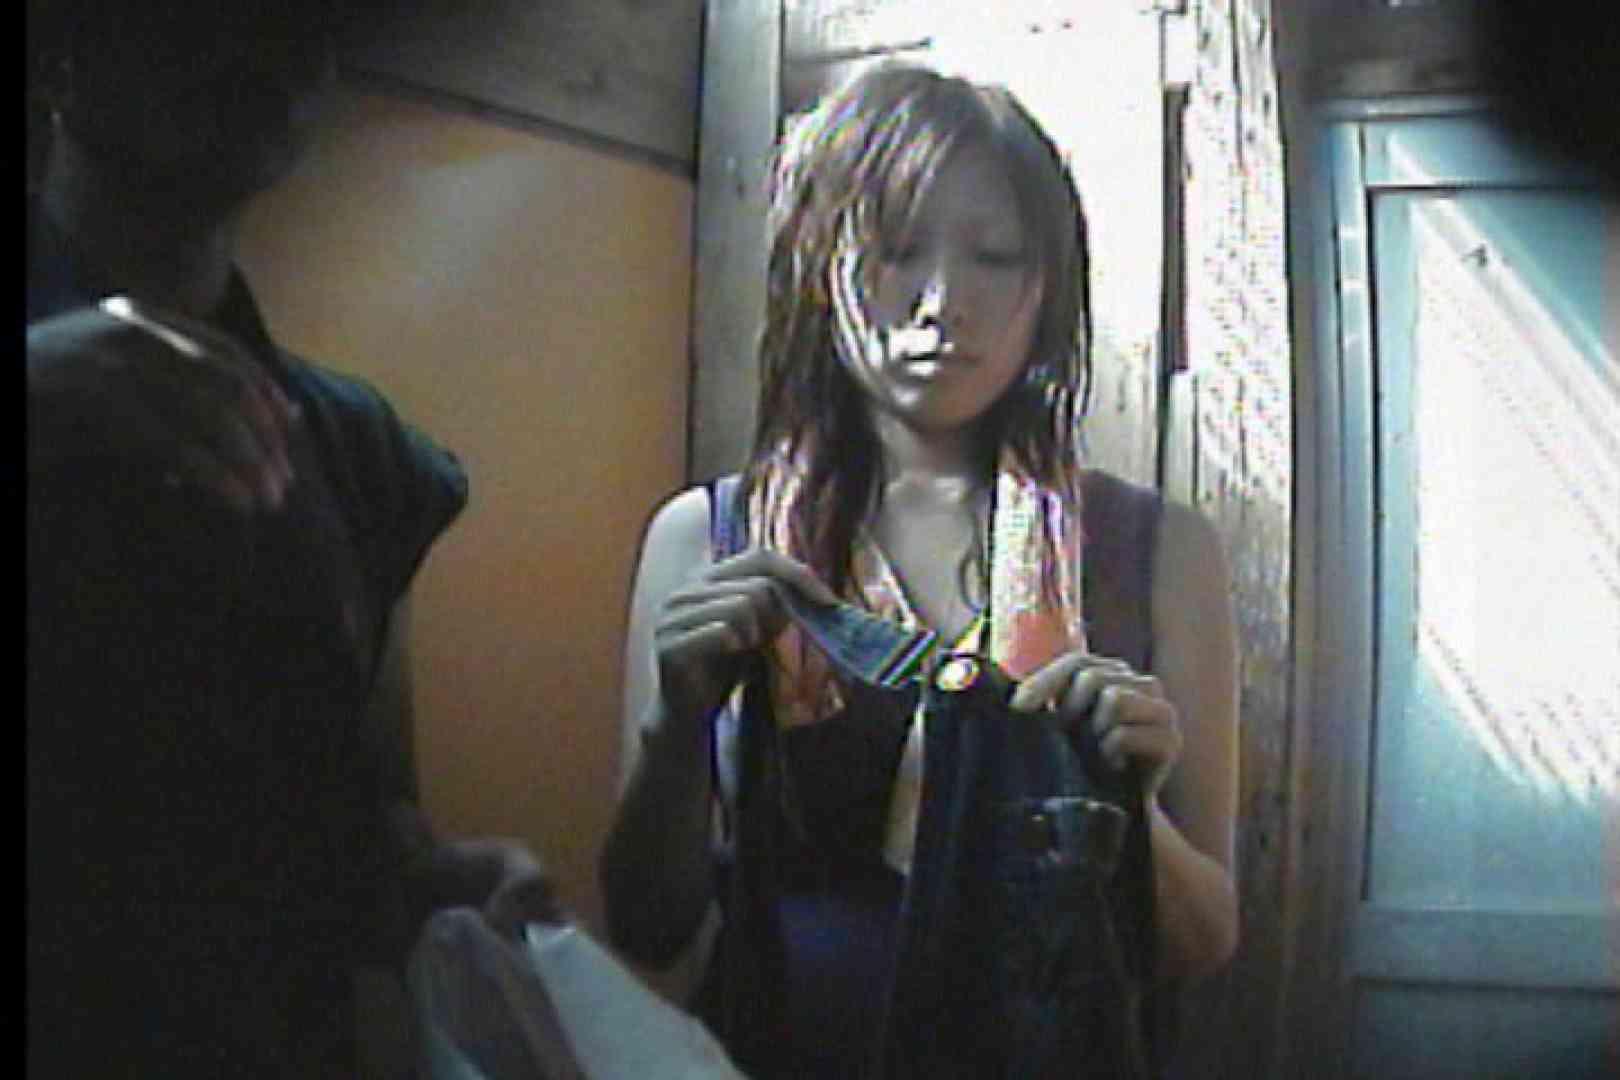 海の家の更衣室 Vol.47 シャワー オマンコ無修正動画無料 76枚 5